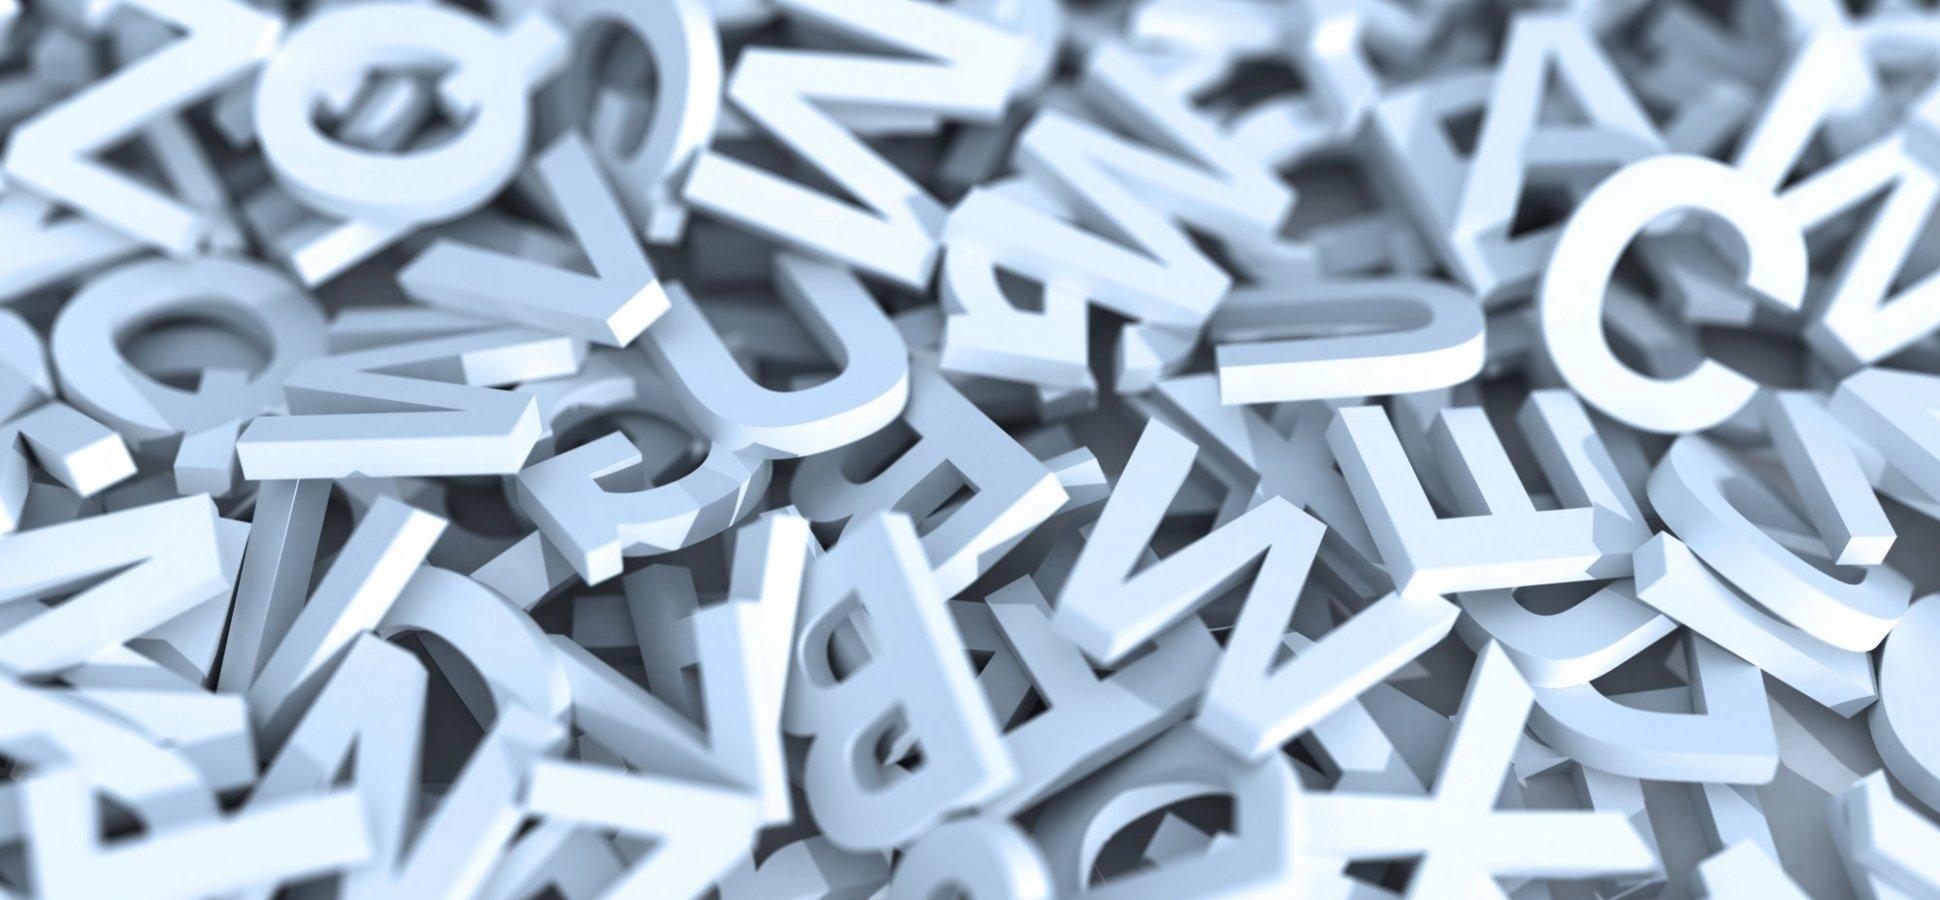 Παράξενες λέξεις που δεν μεταφράζονται στα ελληνικά